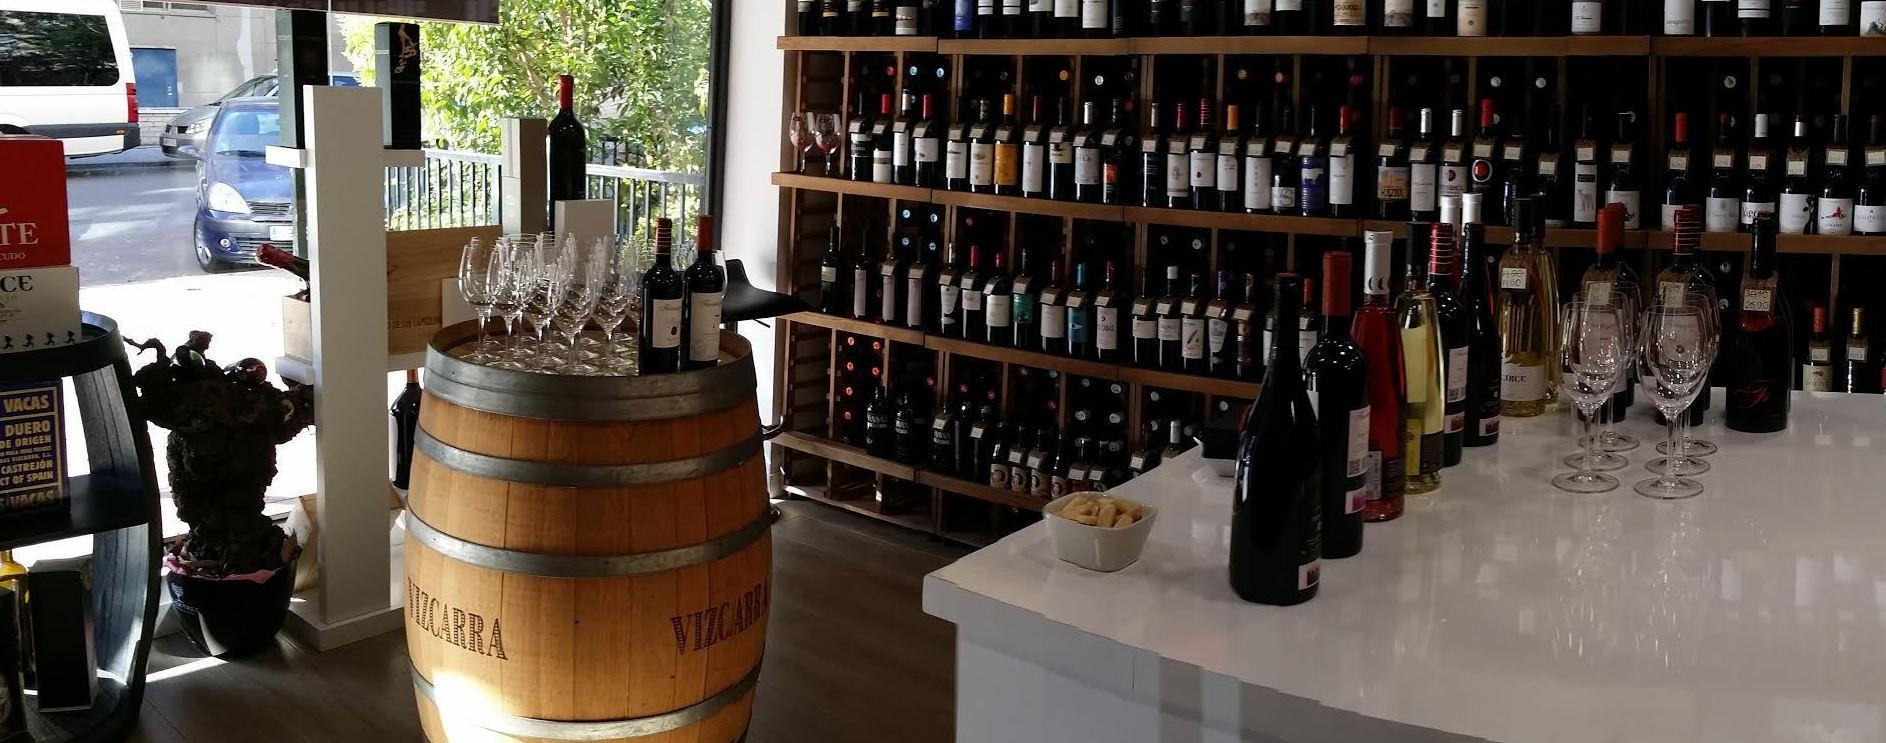 Interior de la tienda de vinos.